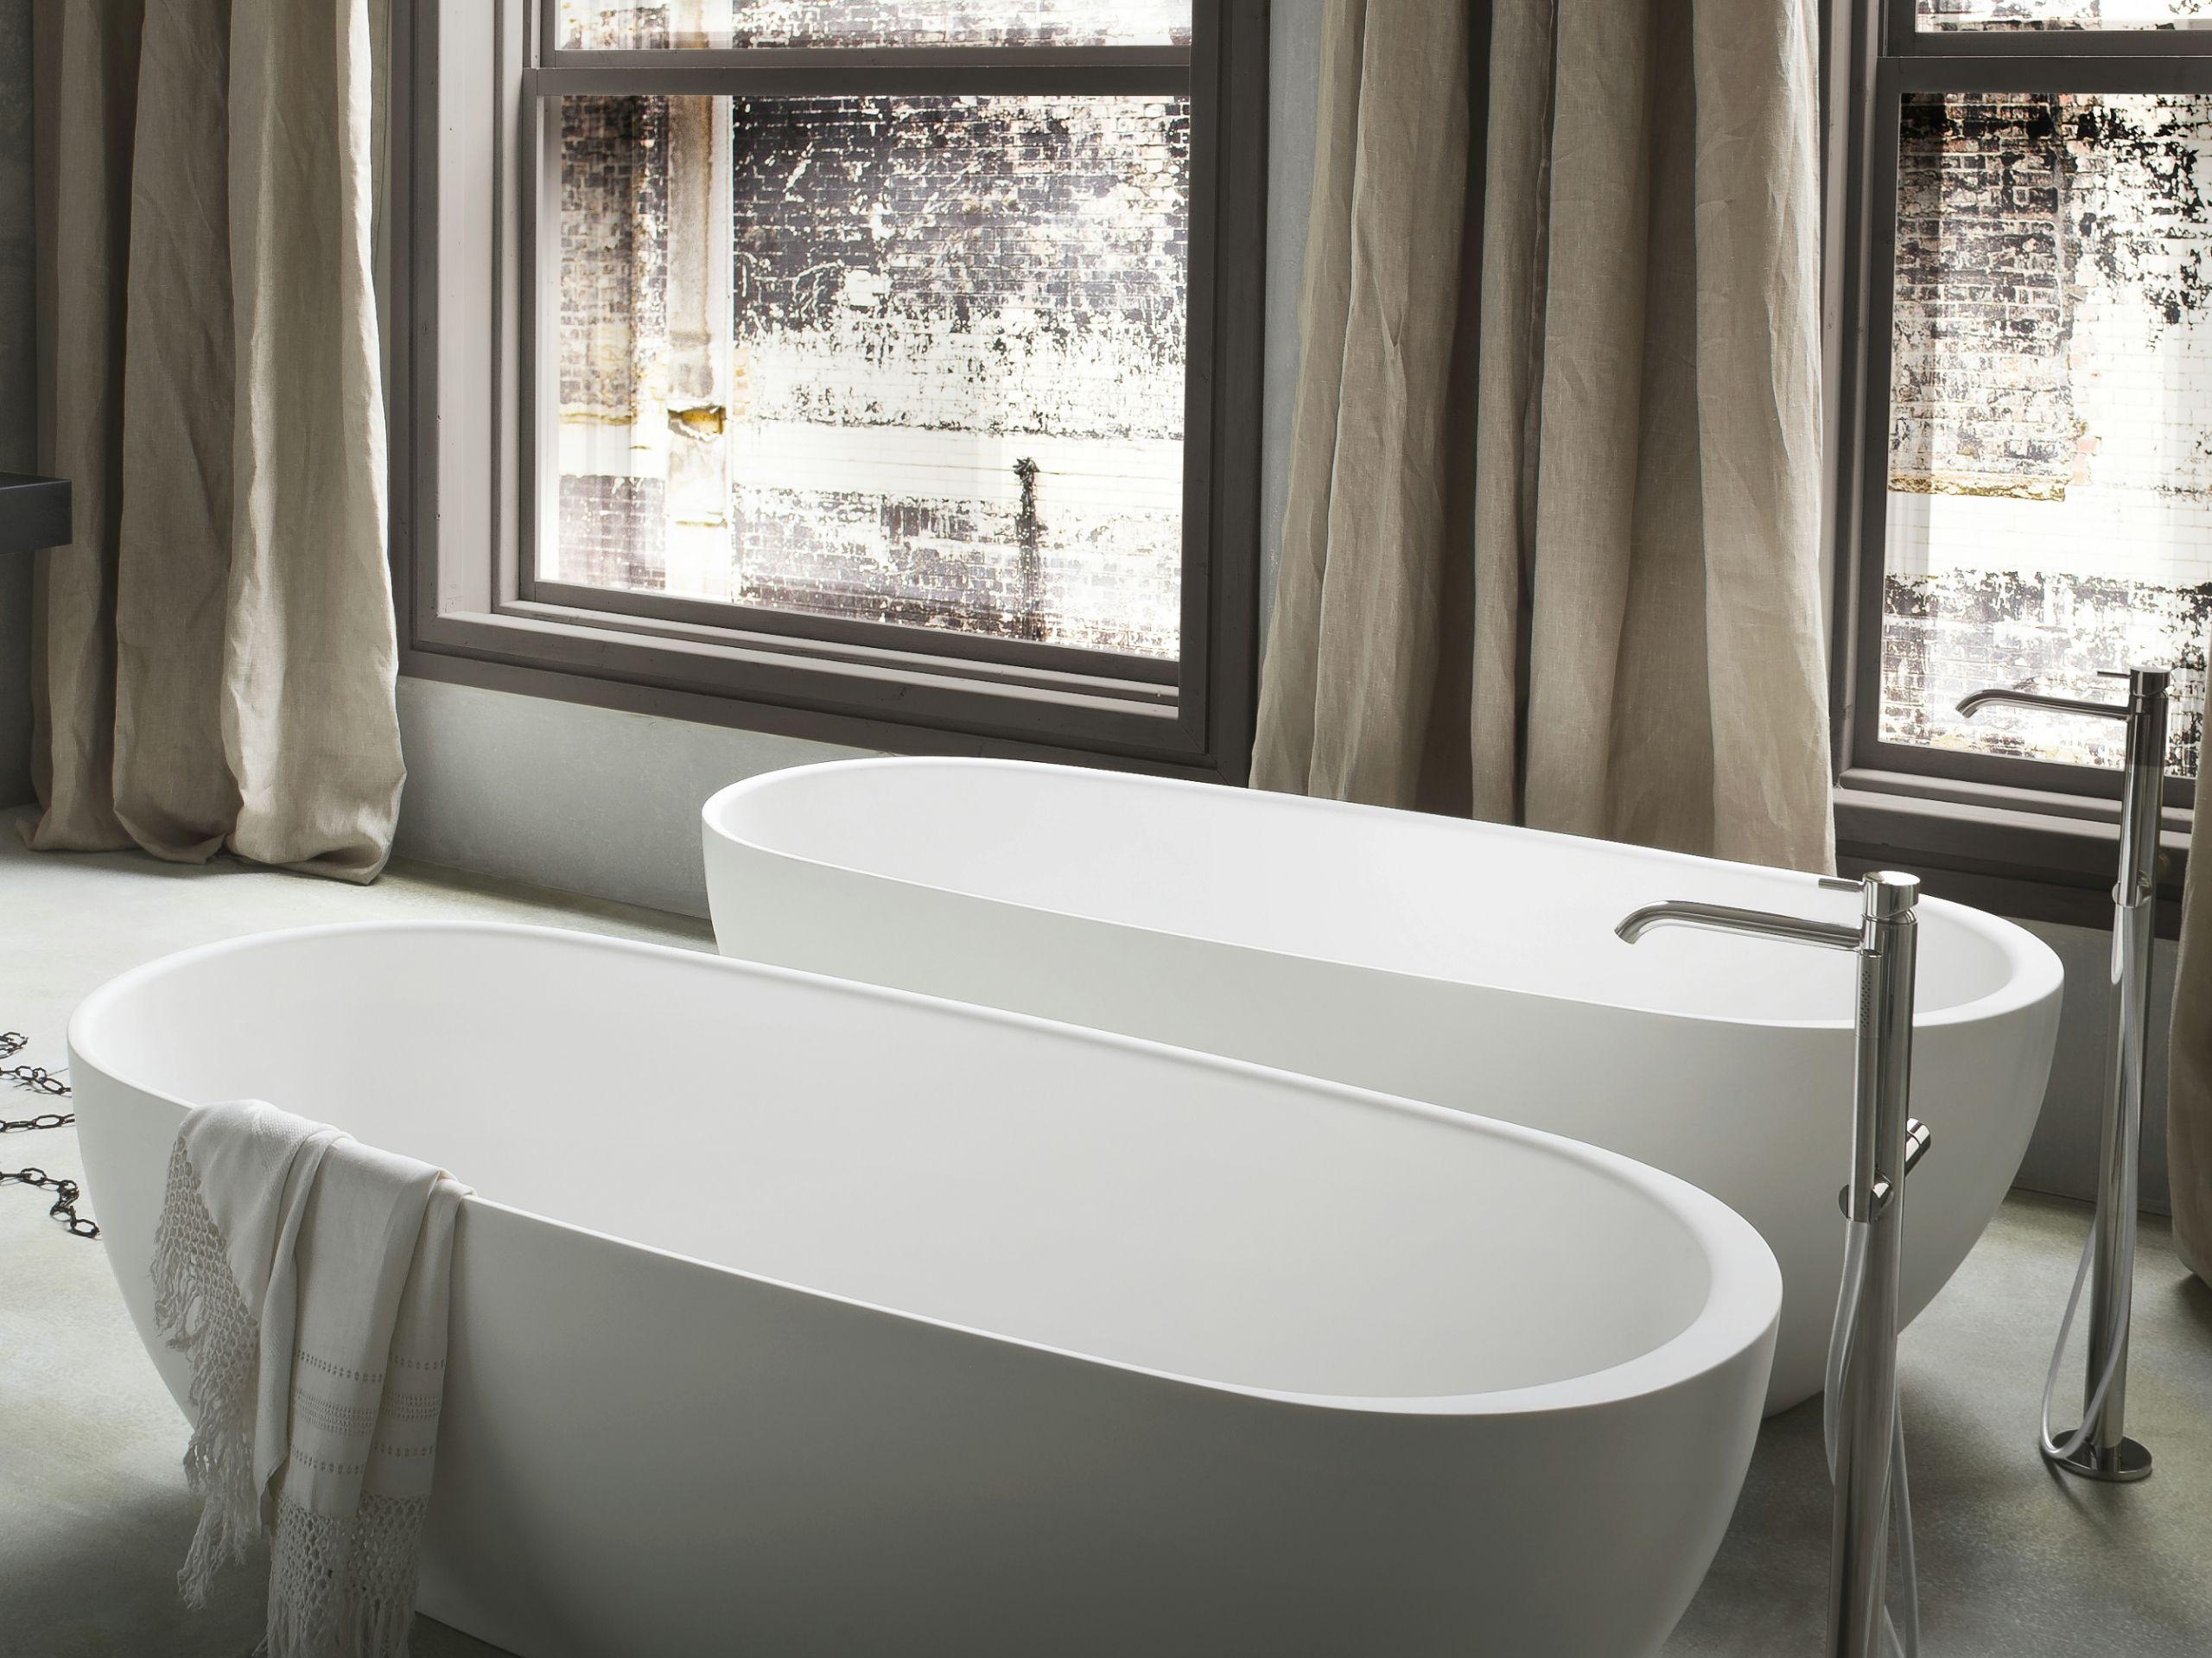 Hole vasca da bagno centro stanza by rexa design design susanna mandelli - Vasca da bagno ovale ...